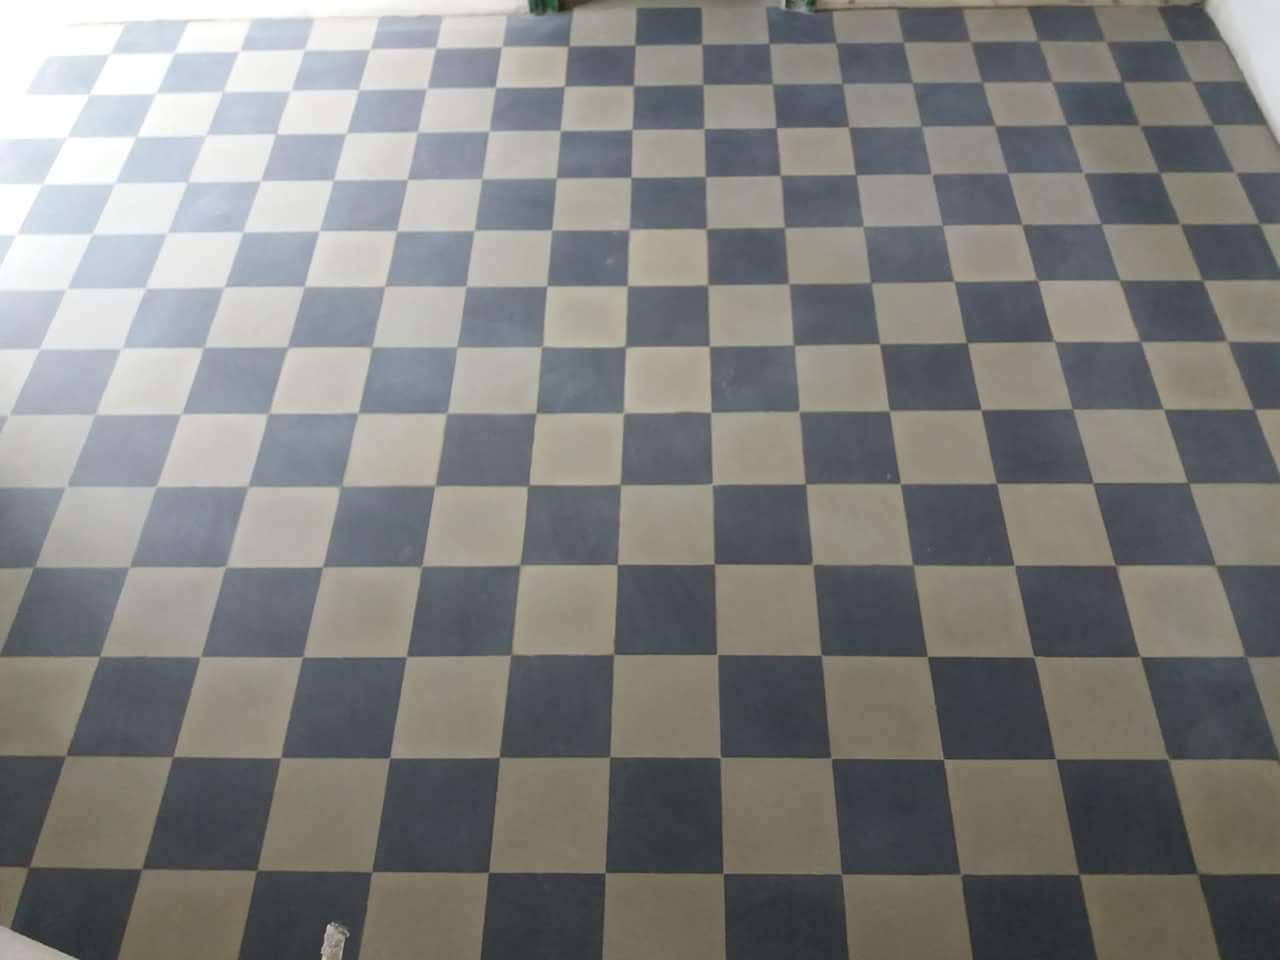 un pavimento a scacchi di color  nero e grigio